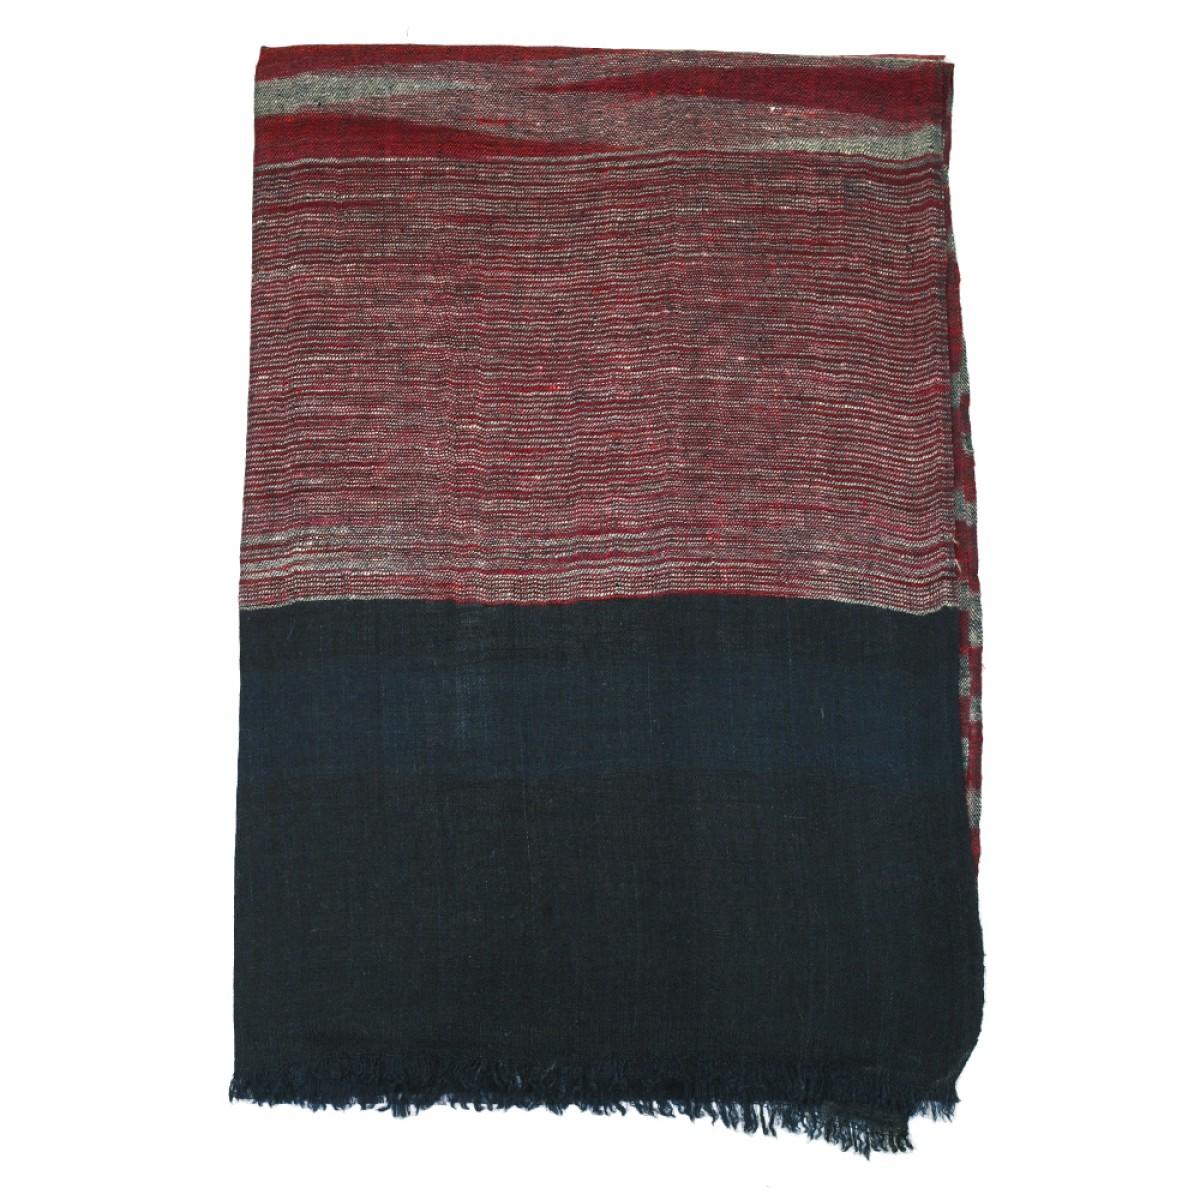 Unisex Ikat Cashmere Pashmina Scarf - Black and burgundy